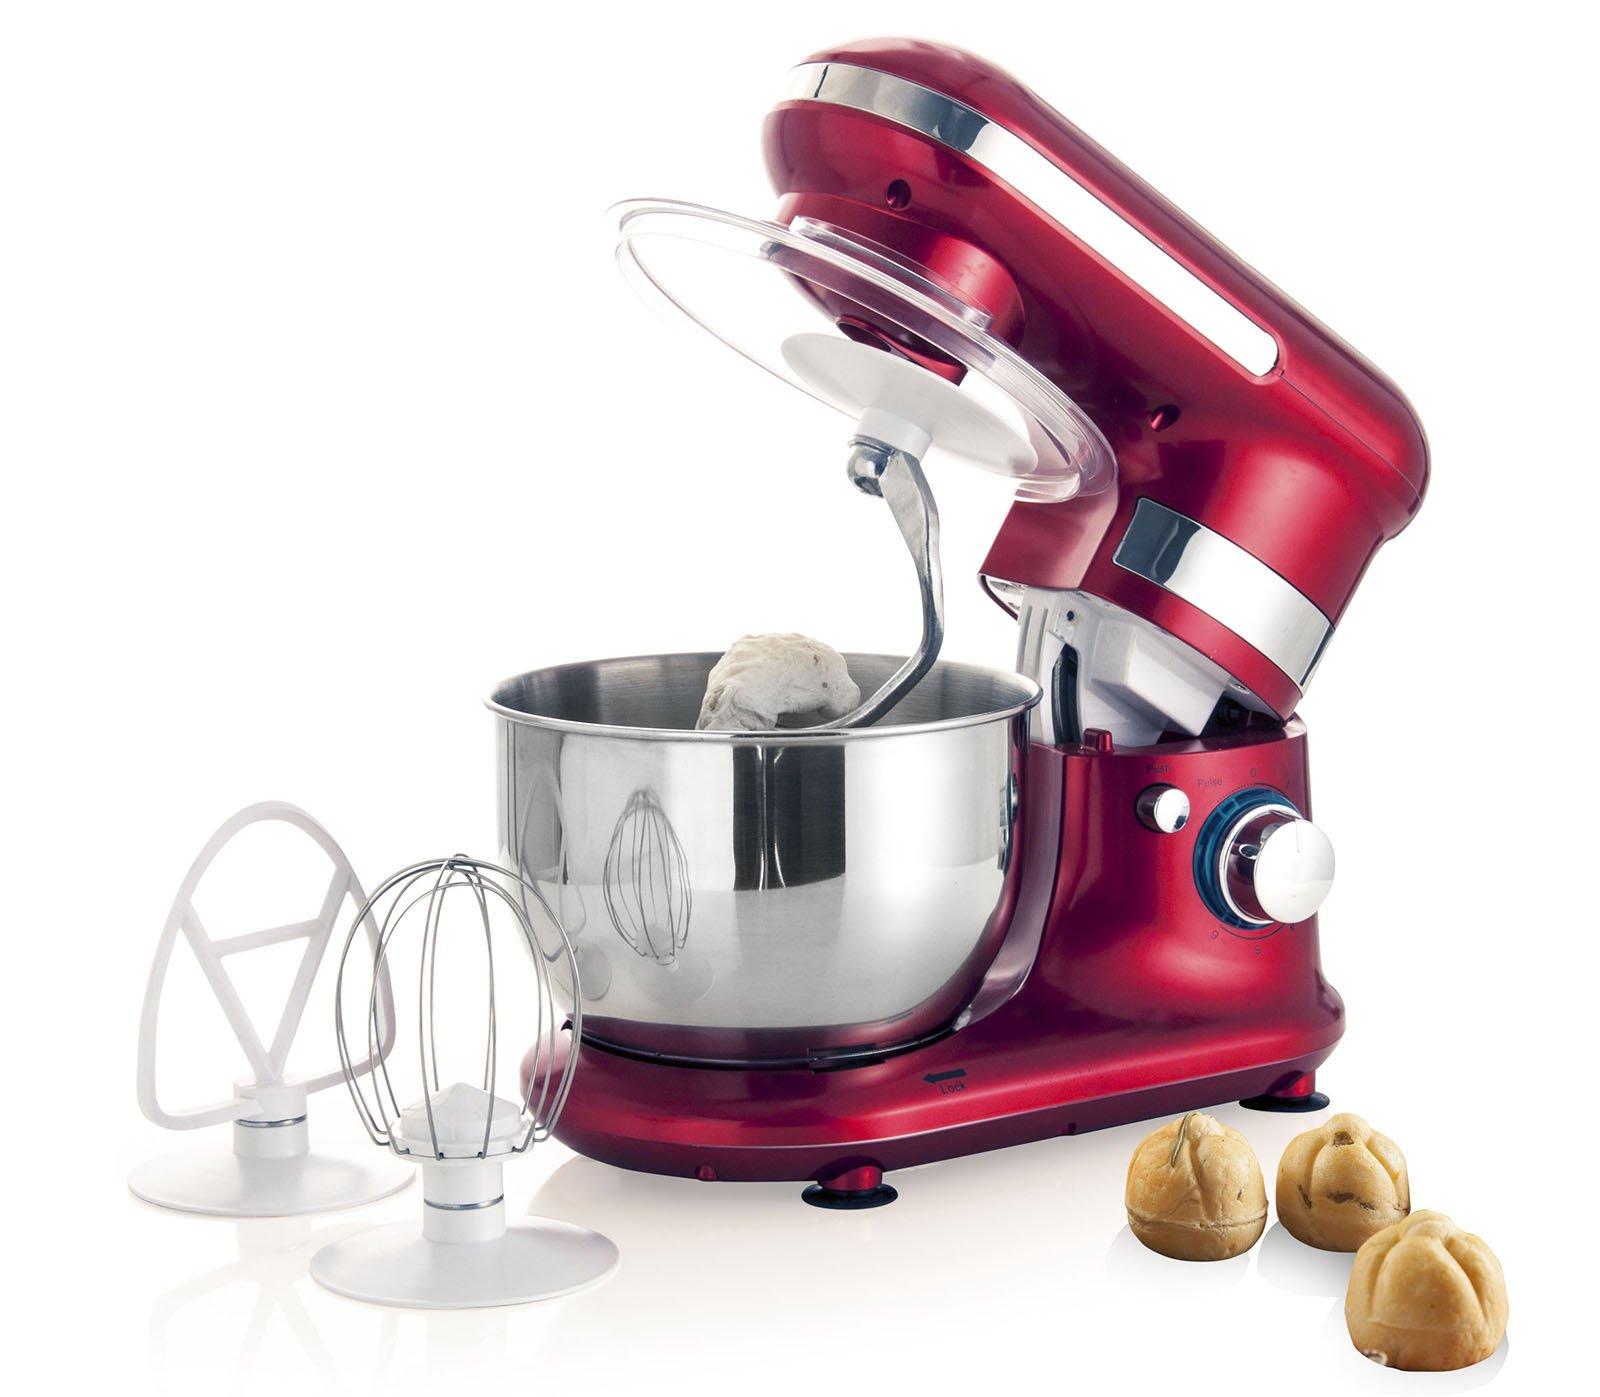 robot da cucina: tante funzioni in un solo apparecchio - cose di casa - Robot Da Cucina Impastatrice